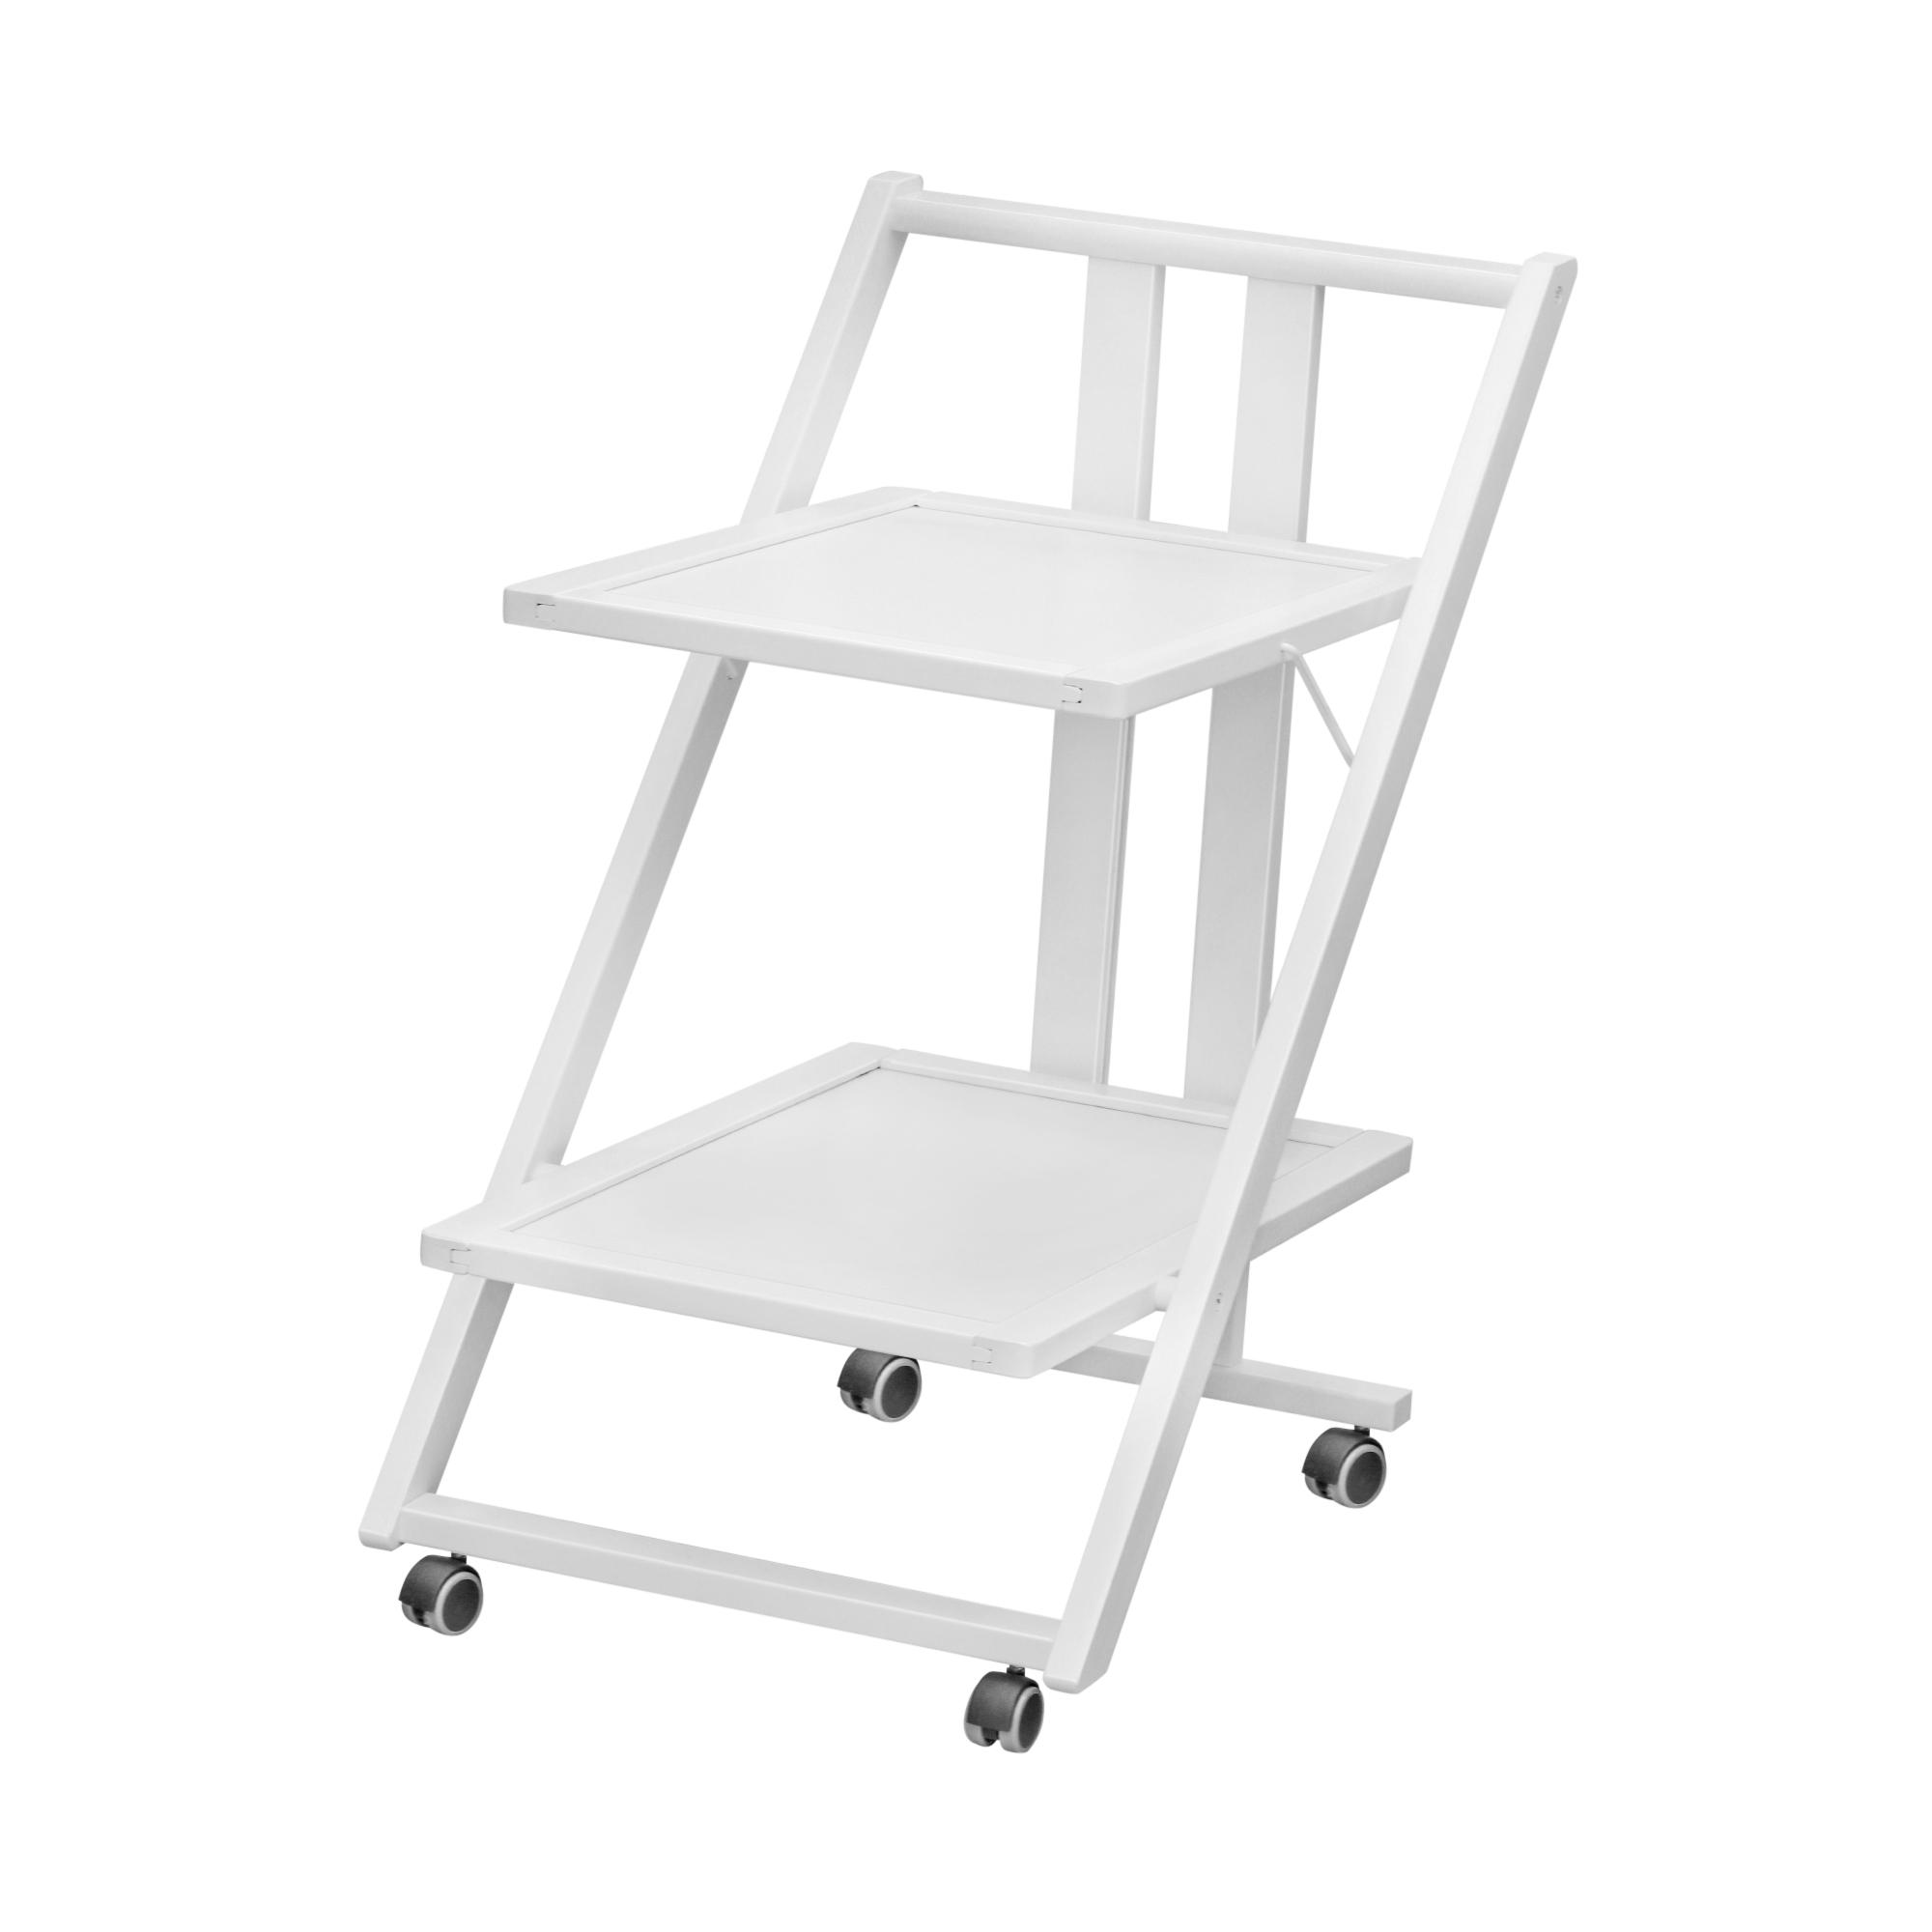 Столик сервировочный на колесах Arit bianco 2 уровня polesie сервировочный столик